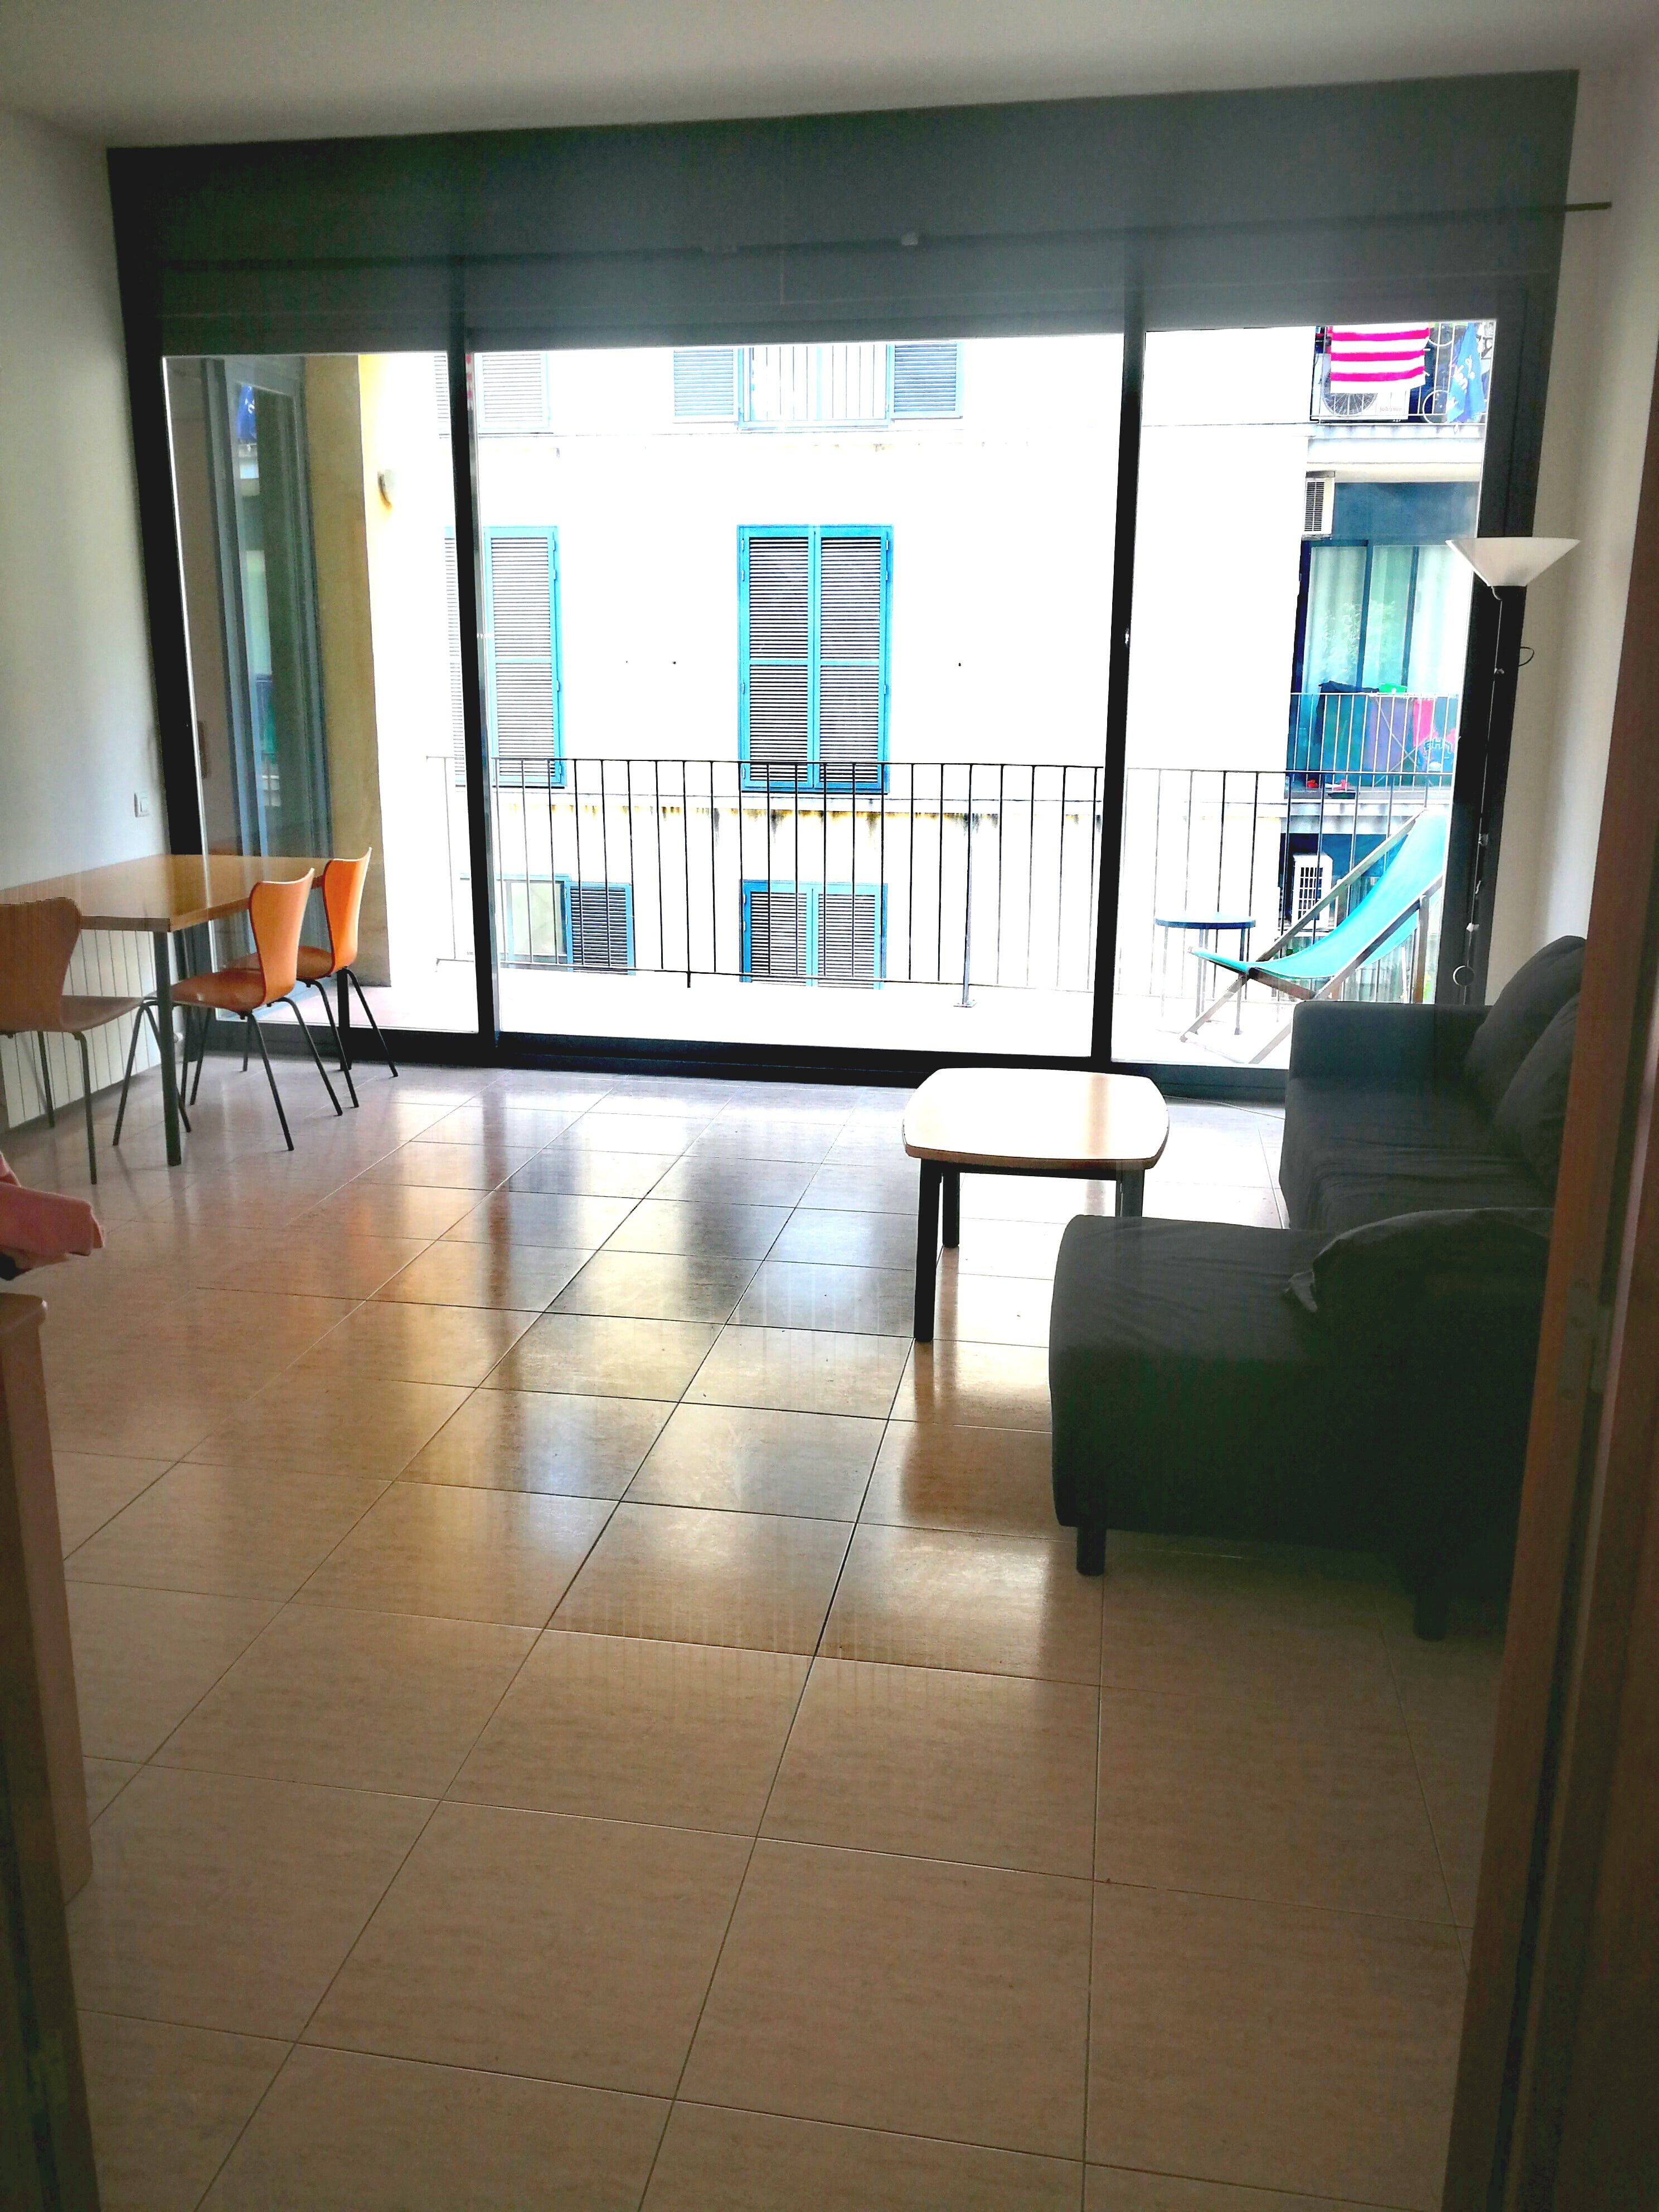 (Español) Maravilloso piso 2 habitaciones con terraza en el Raval